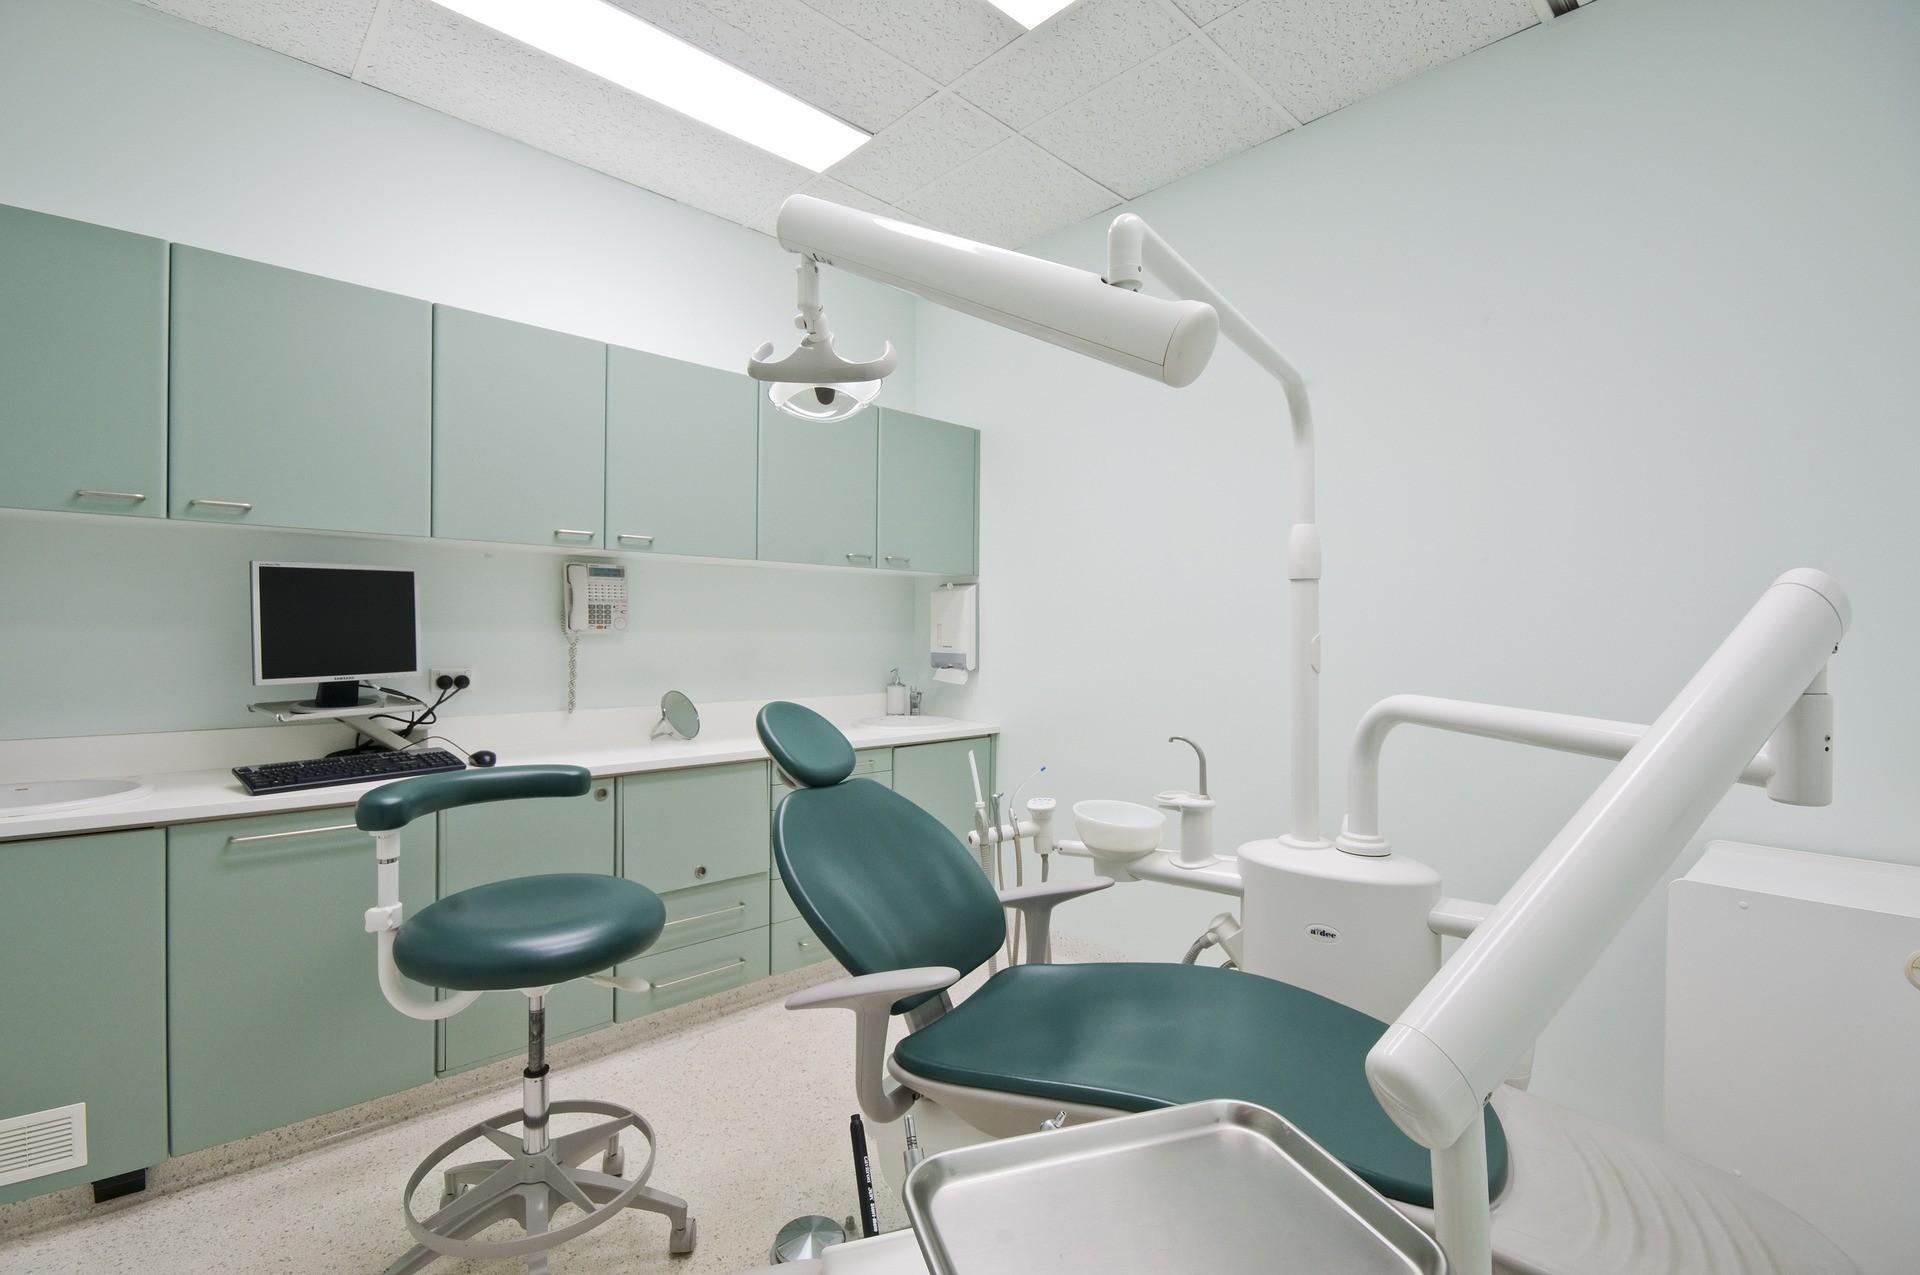 ▲牙醫,牙科,診所,蛀牙,。(圖/取自免費圖庫Pixabay)